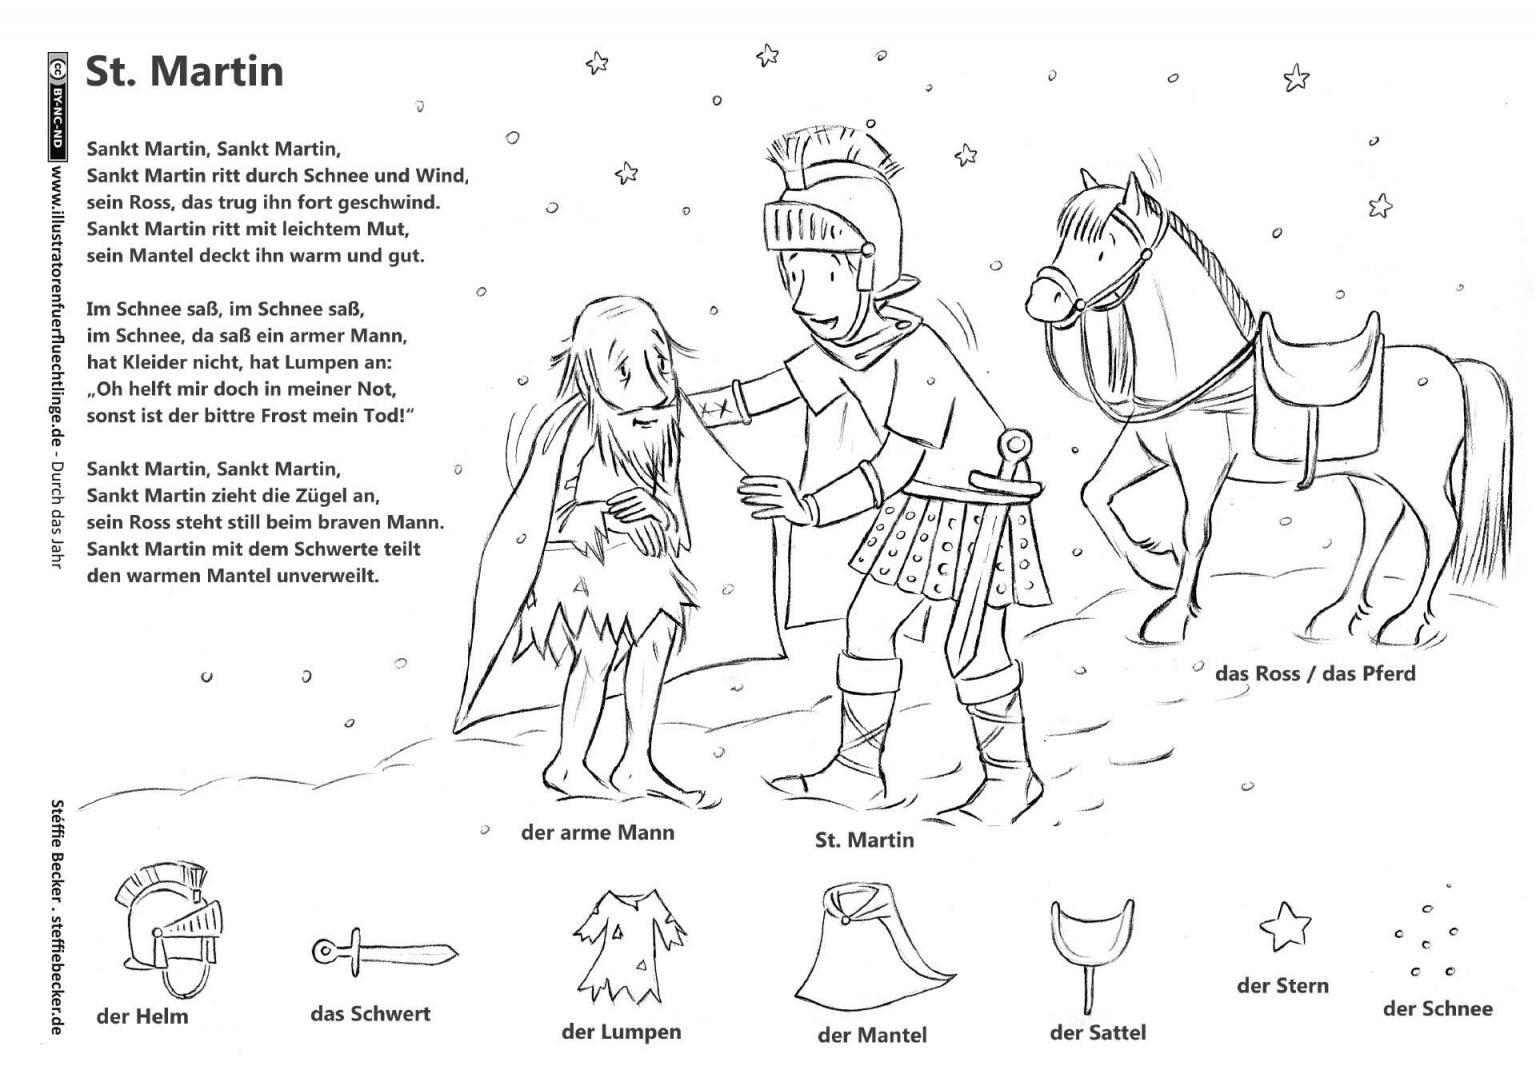 Alvin Und Die Chipmunks Ausmalbilder Frisch Bayern Ausmalbilder Schön Igel Grundschule 0d Archives Elegant Das Bild